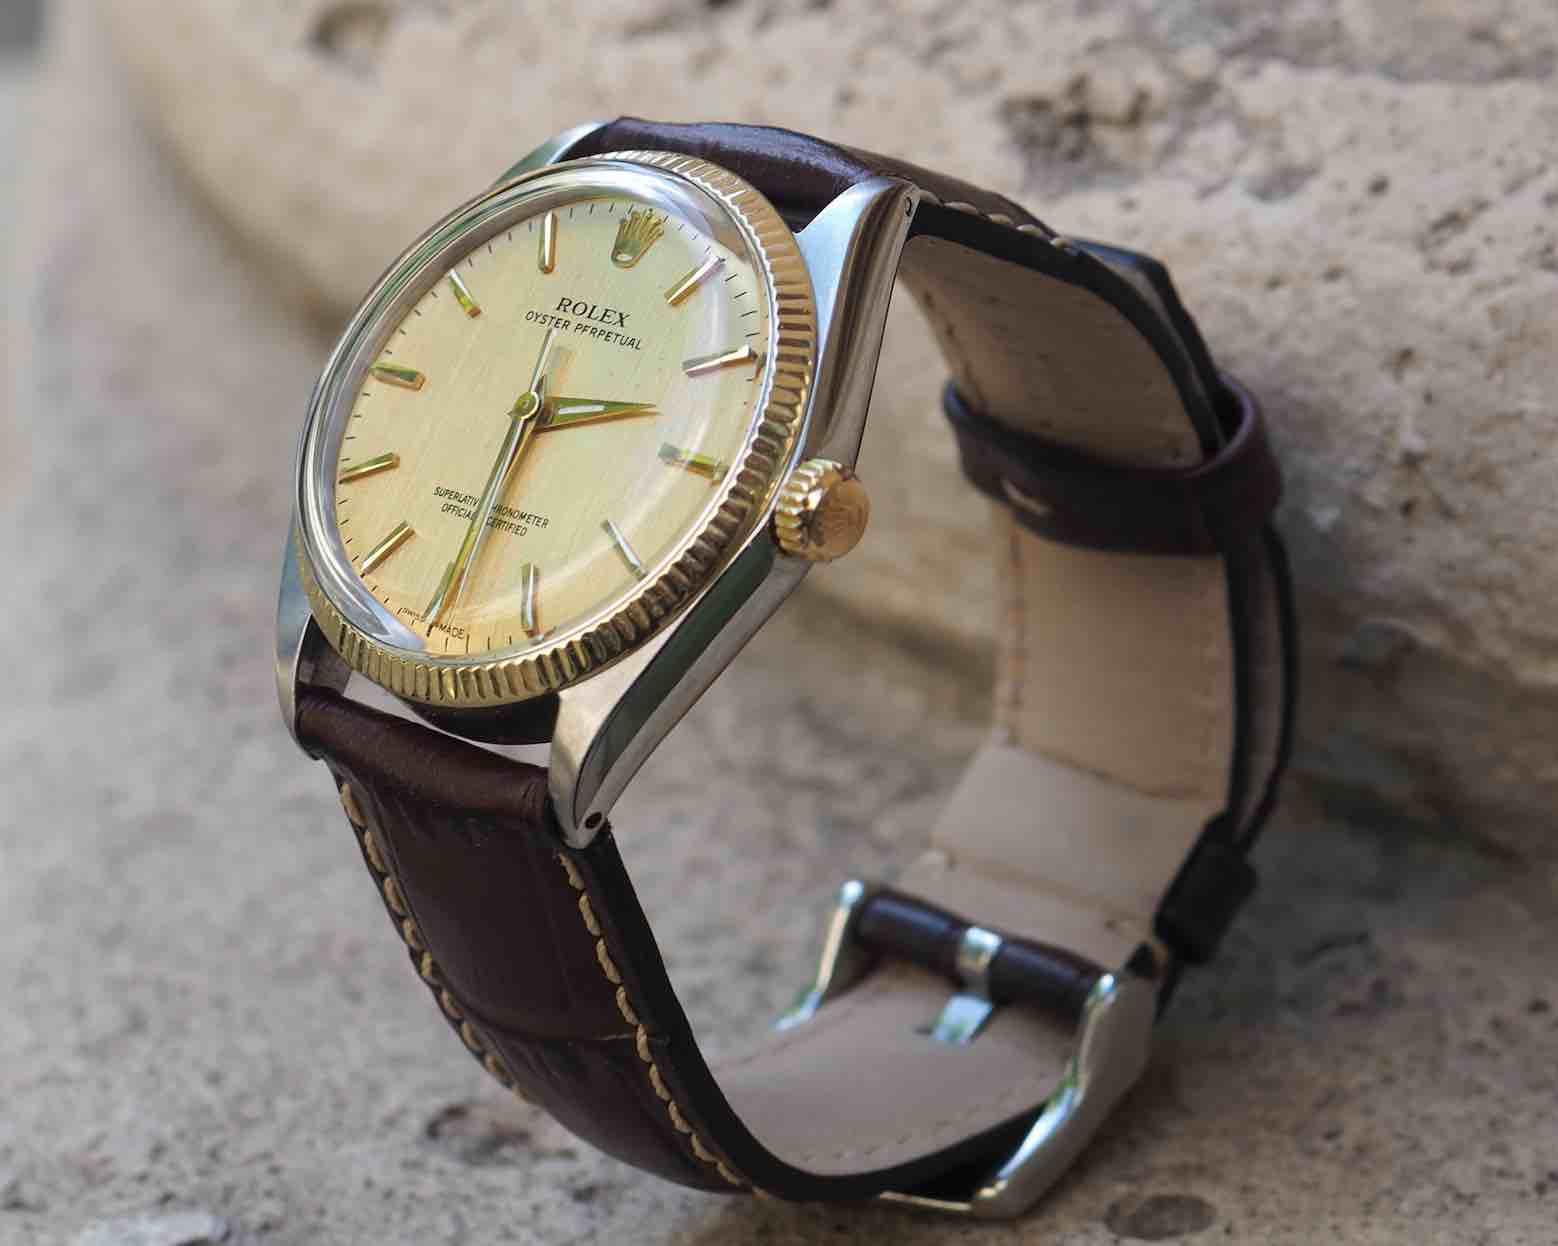 achat de montres d'occasion signées